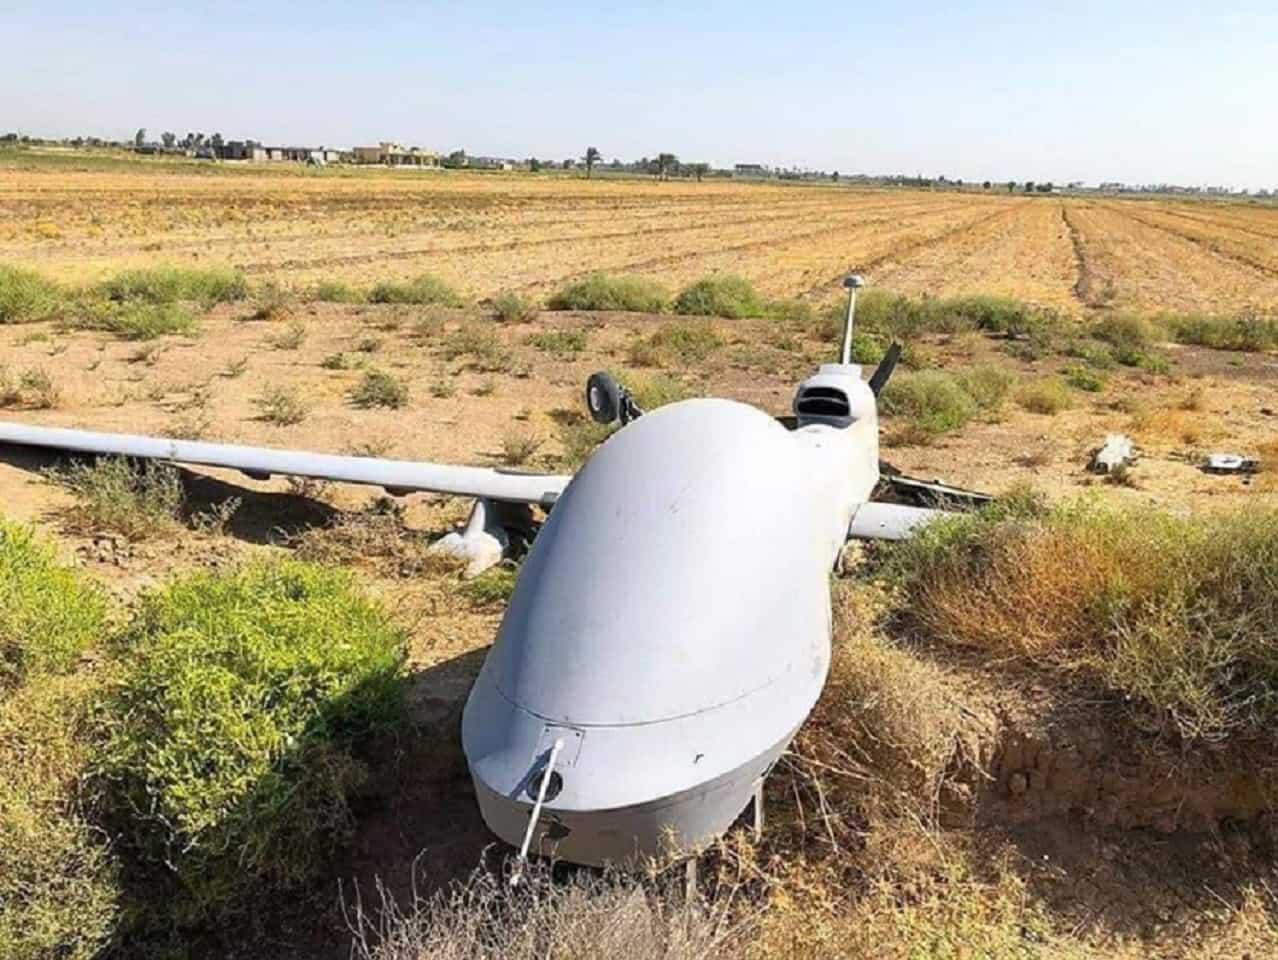 美媒称美军无人机在伊拉克坠毁 可能遭电子干扰